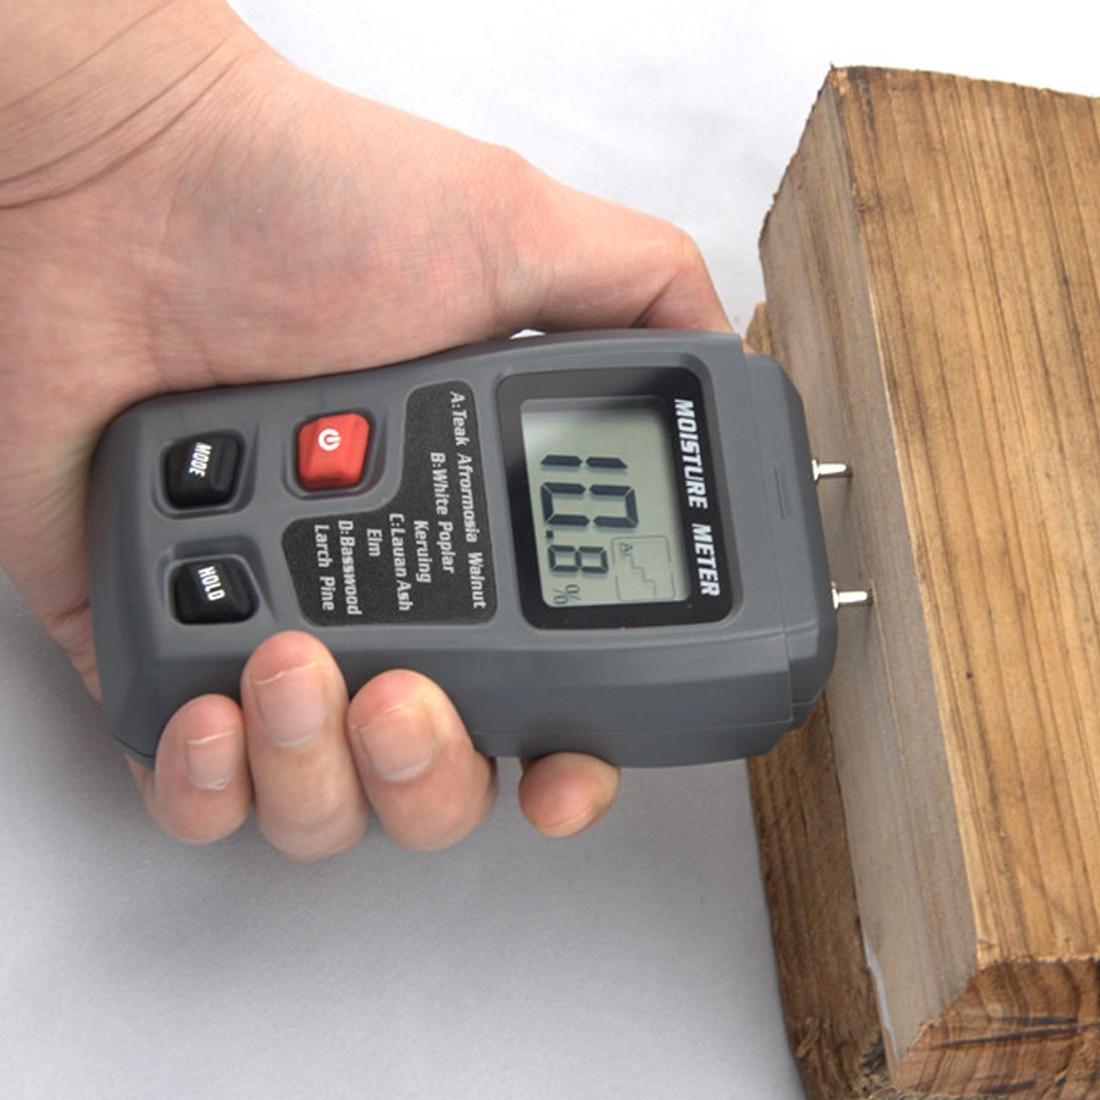 Haben Sie Einen Fragenden Verstand Holz Damp Detector 0,5 Prozent Genauigkeit Feuchtigkeit Meter Test Zwei Pins Digital Holz Feuchtigkeit Meter Feuchtigkeit Tester 0-99.9% Feuchtigkeit Meter